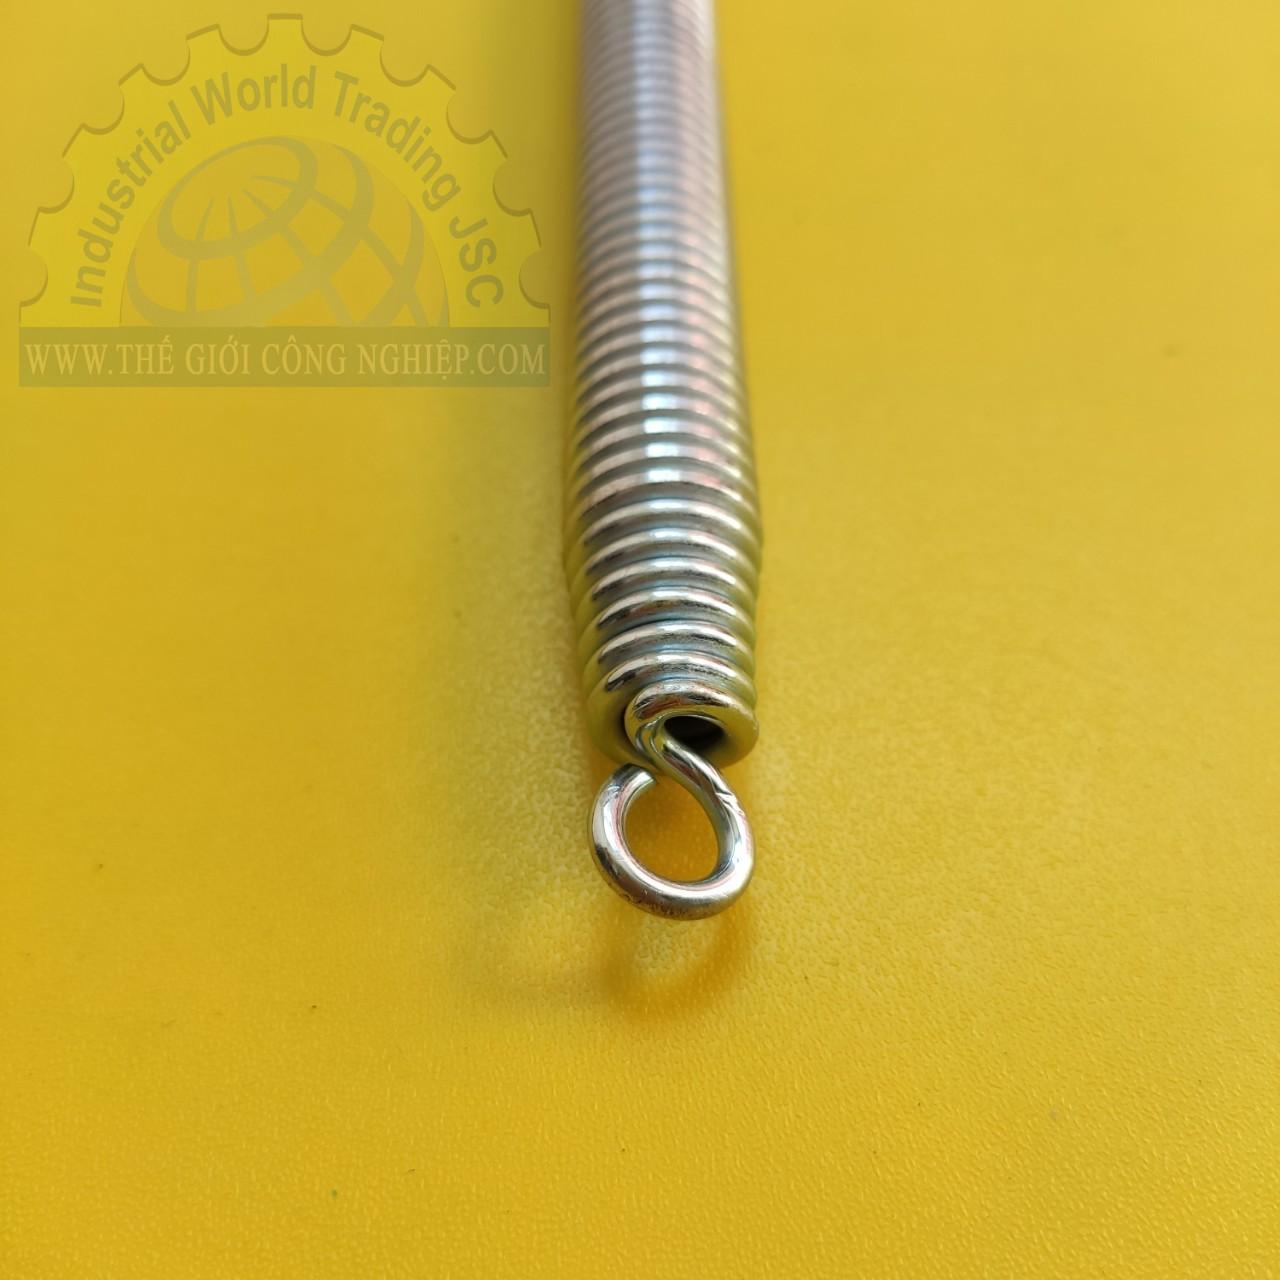 Lò xo uốn ống cứng đường kính 16mm, dài 500mm, chất liệu thép không gỉ mạ xi Tienphatplastic TienPhatPlastic